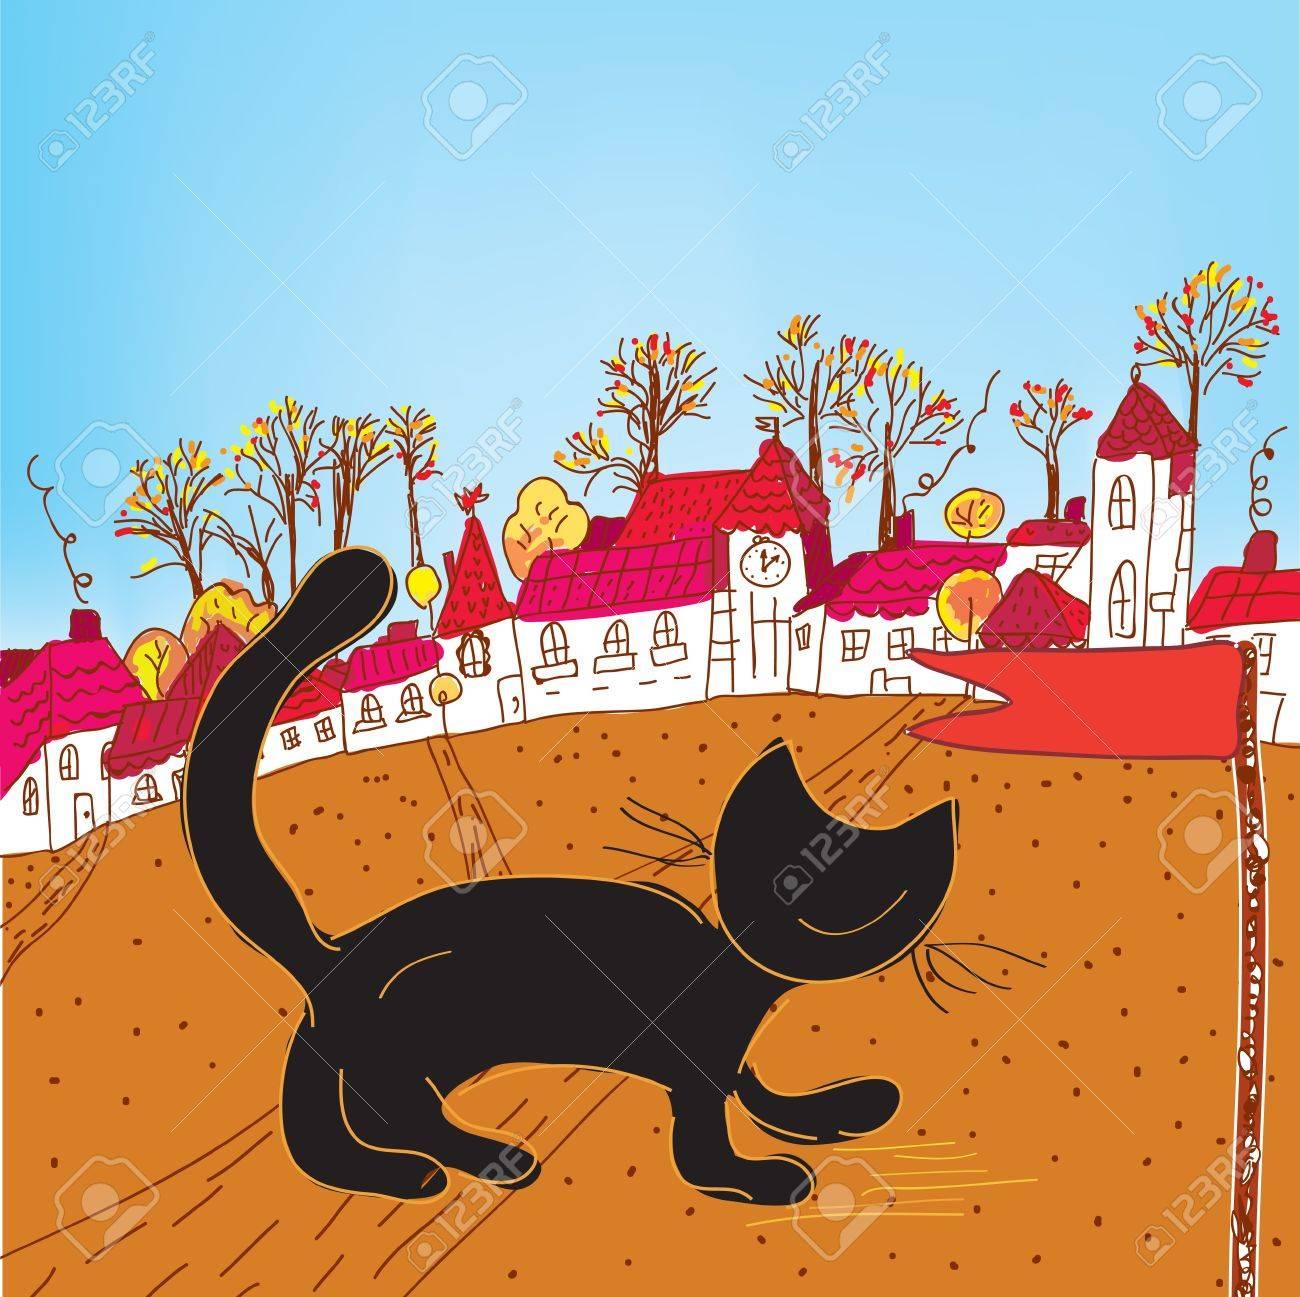 Fairytale autumn town and cat card Stock Vector - 12009685